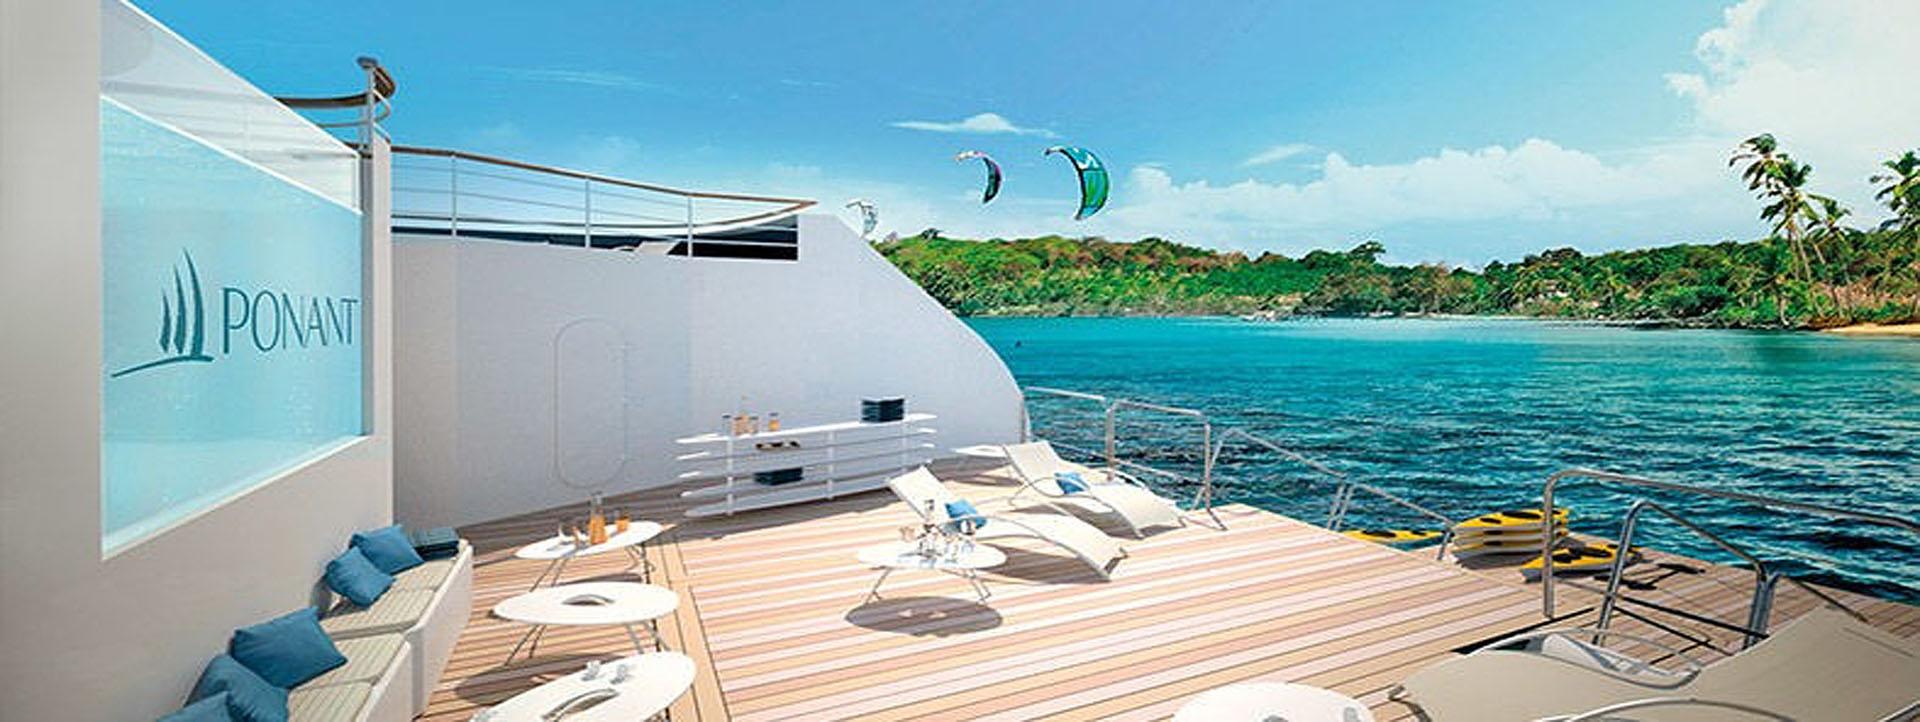 LE-LAPEROUSE-Ponant-Back-sun-deck-area